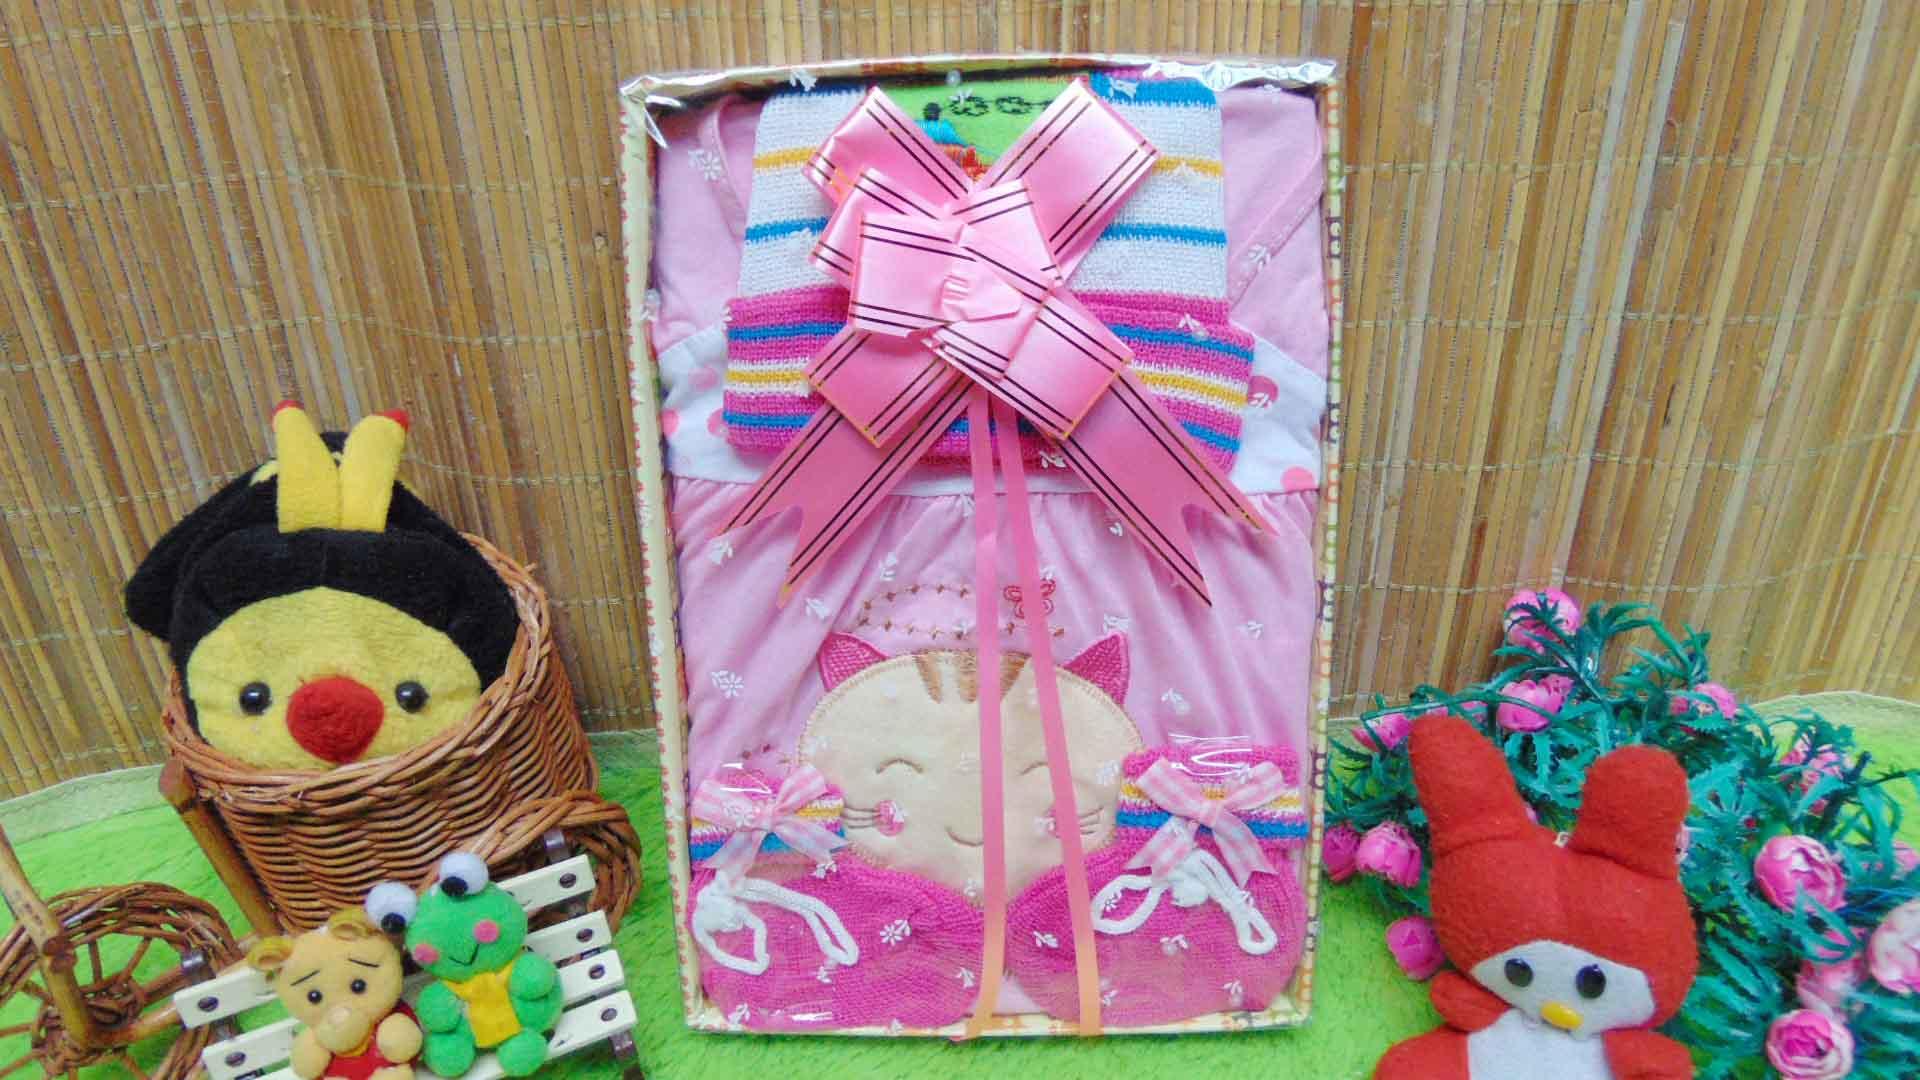 Kado Lahiran Box Paket Kado Bayi Perempuan Cewek Baby Gift Dress Pink Kucing Rajut 49 terdiri Dress bayi 0-9bln,topi dan sepatu rajut bayi